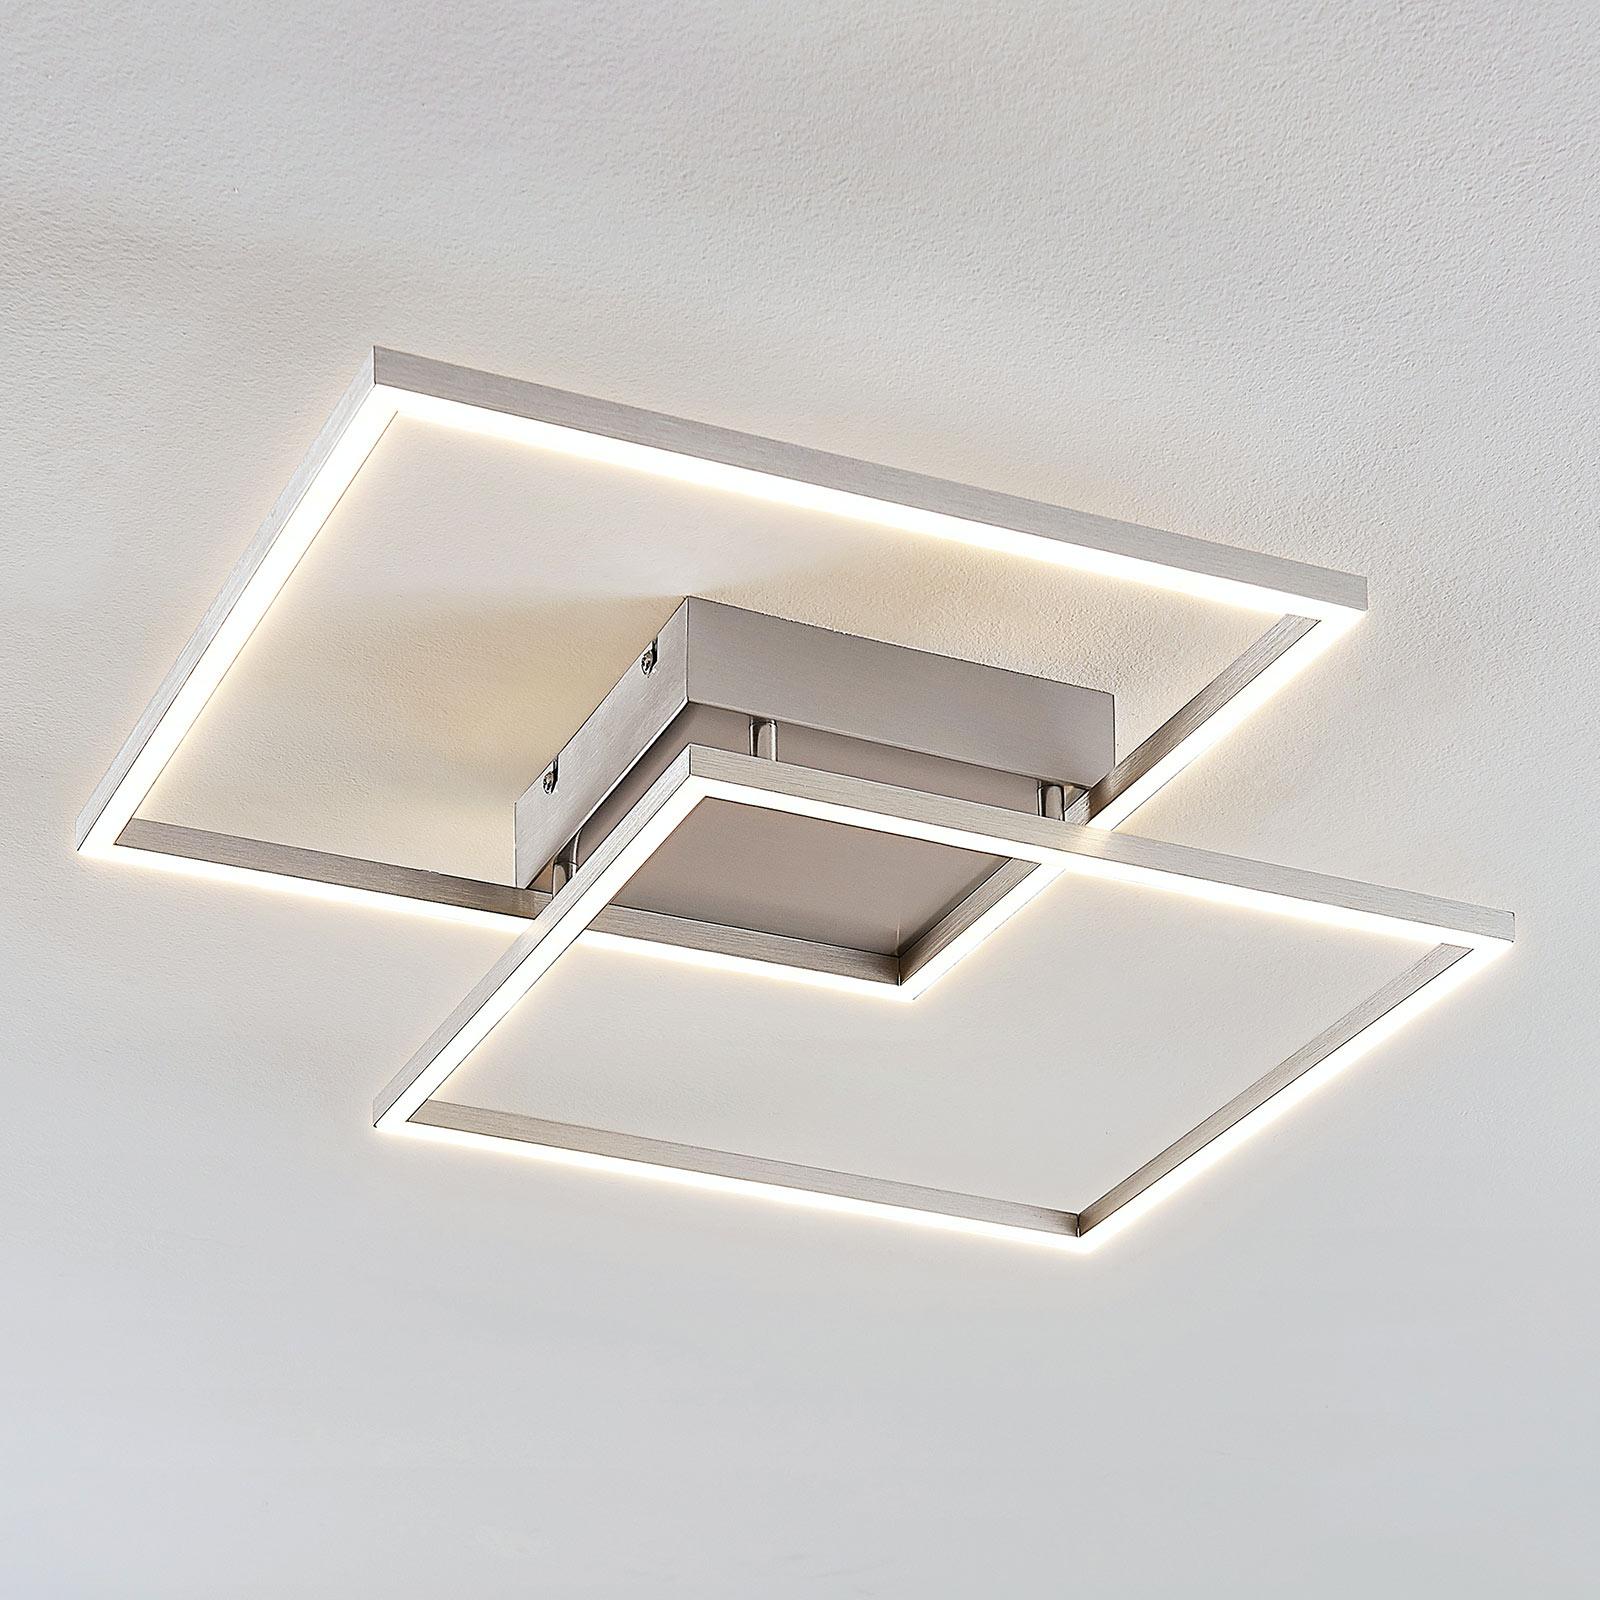 Muotoilultaan kiehtova LED-kattolamppu Mirac